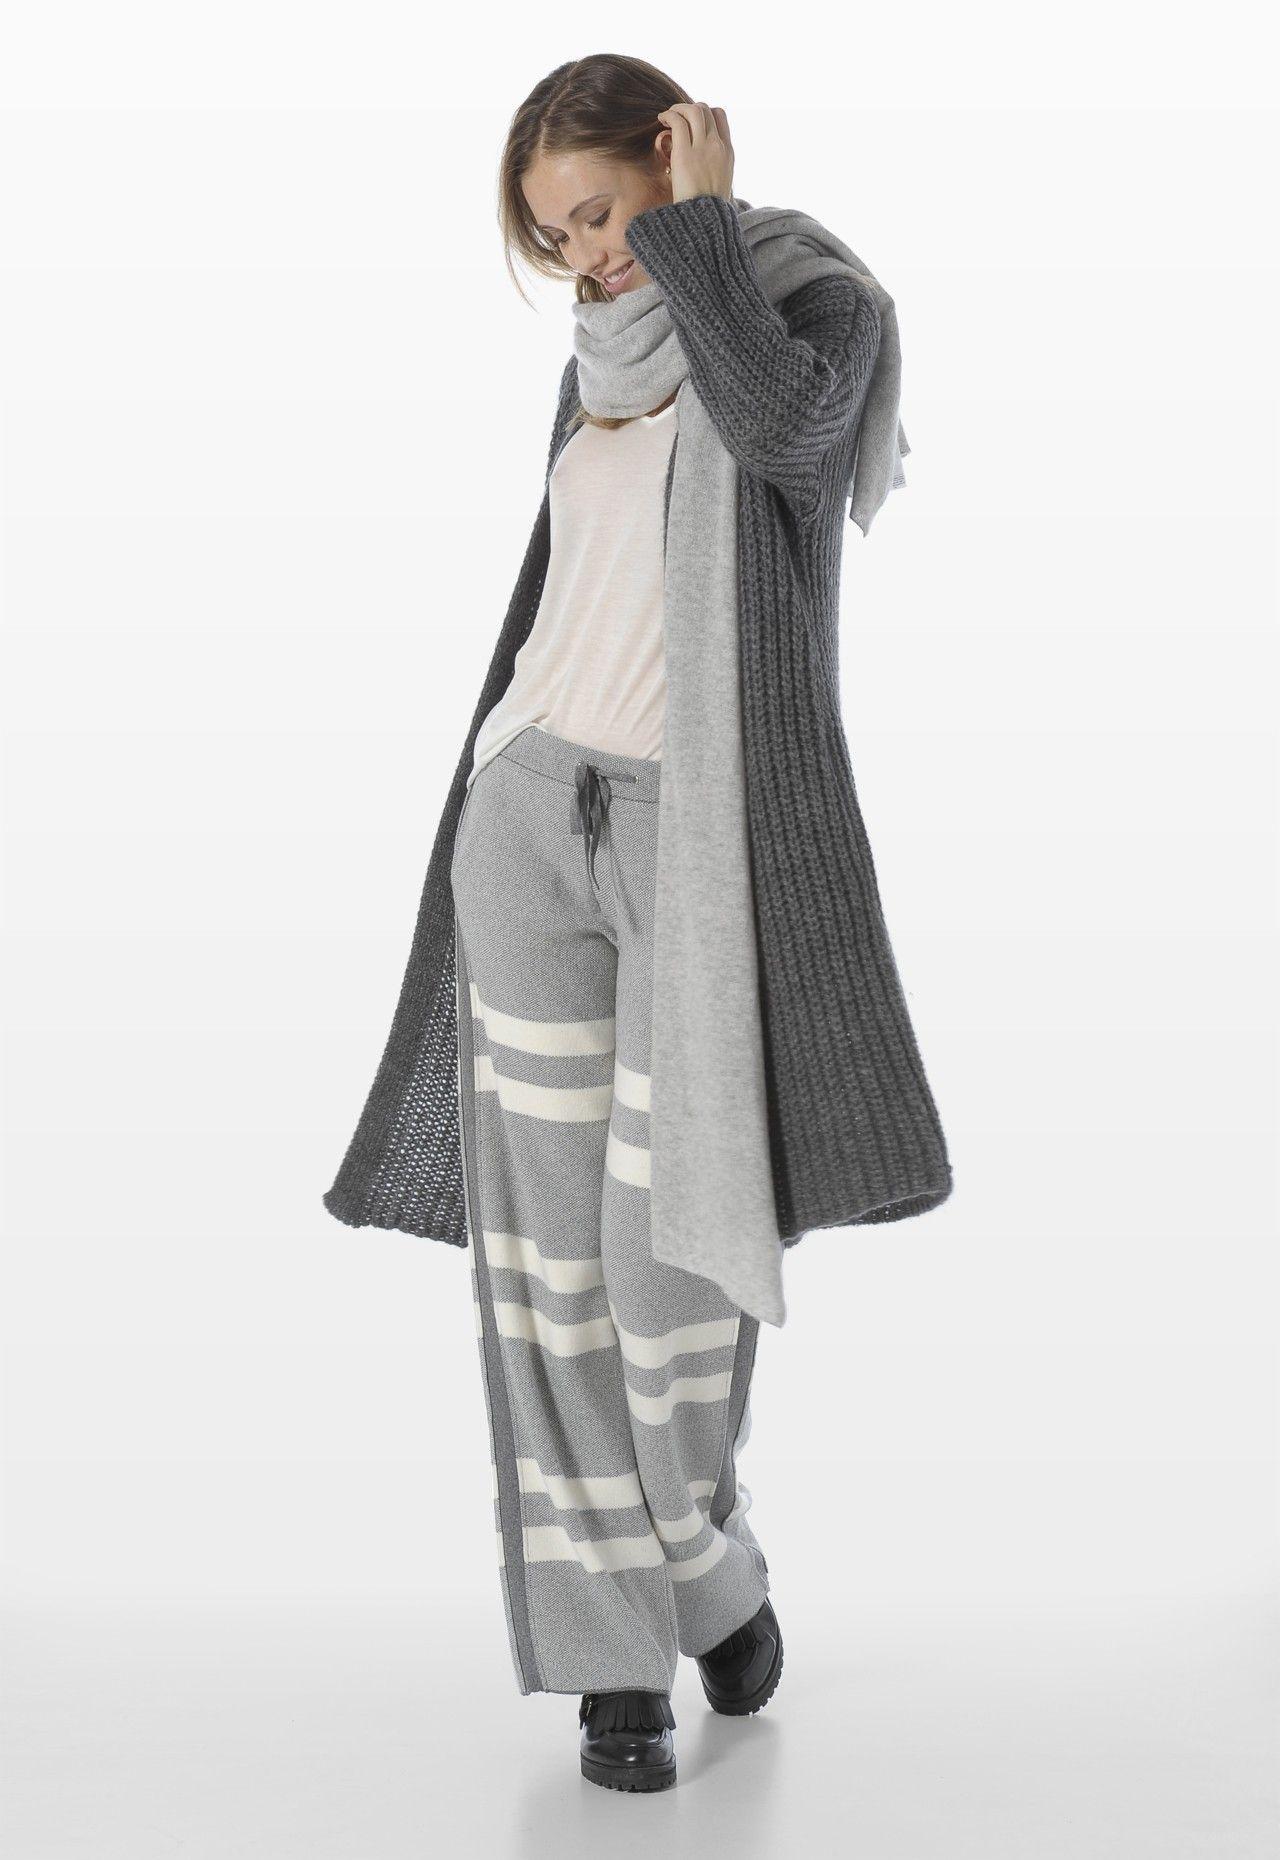 MOHAIR WOOL MAXI CARDIGAN - Knitwear - Woman   Stefanel   STEFANEL ...